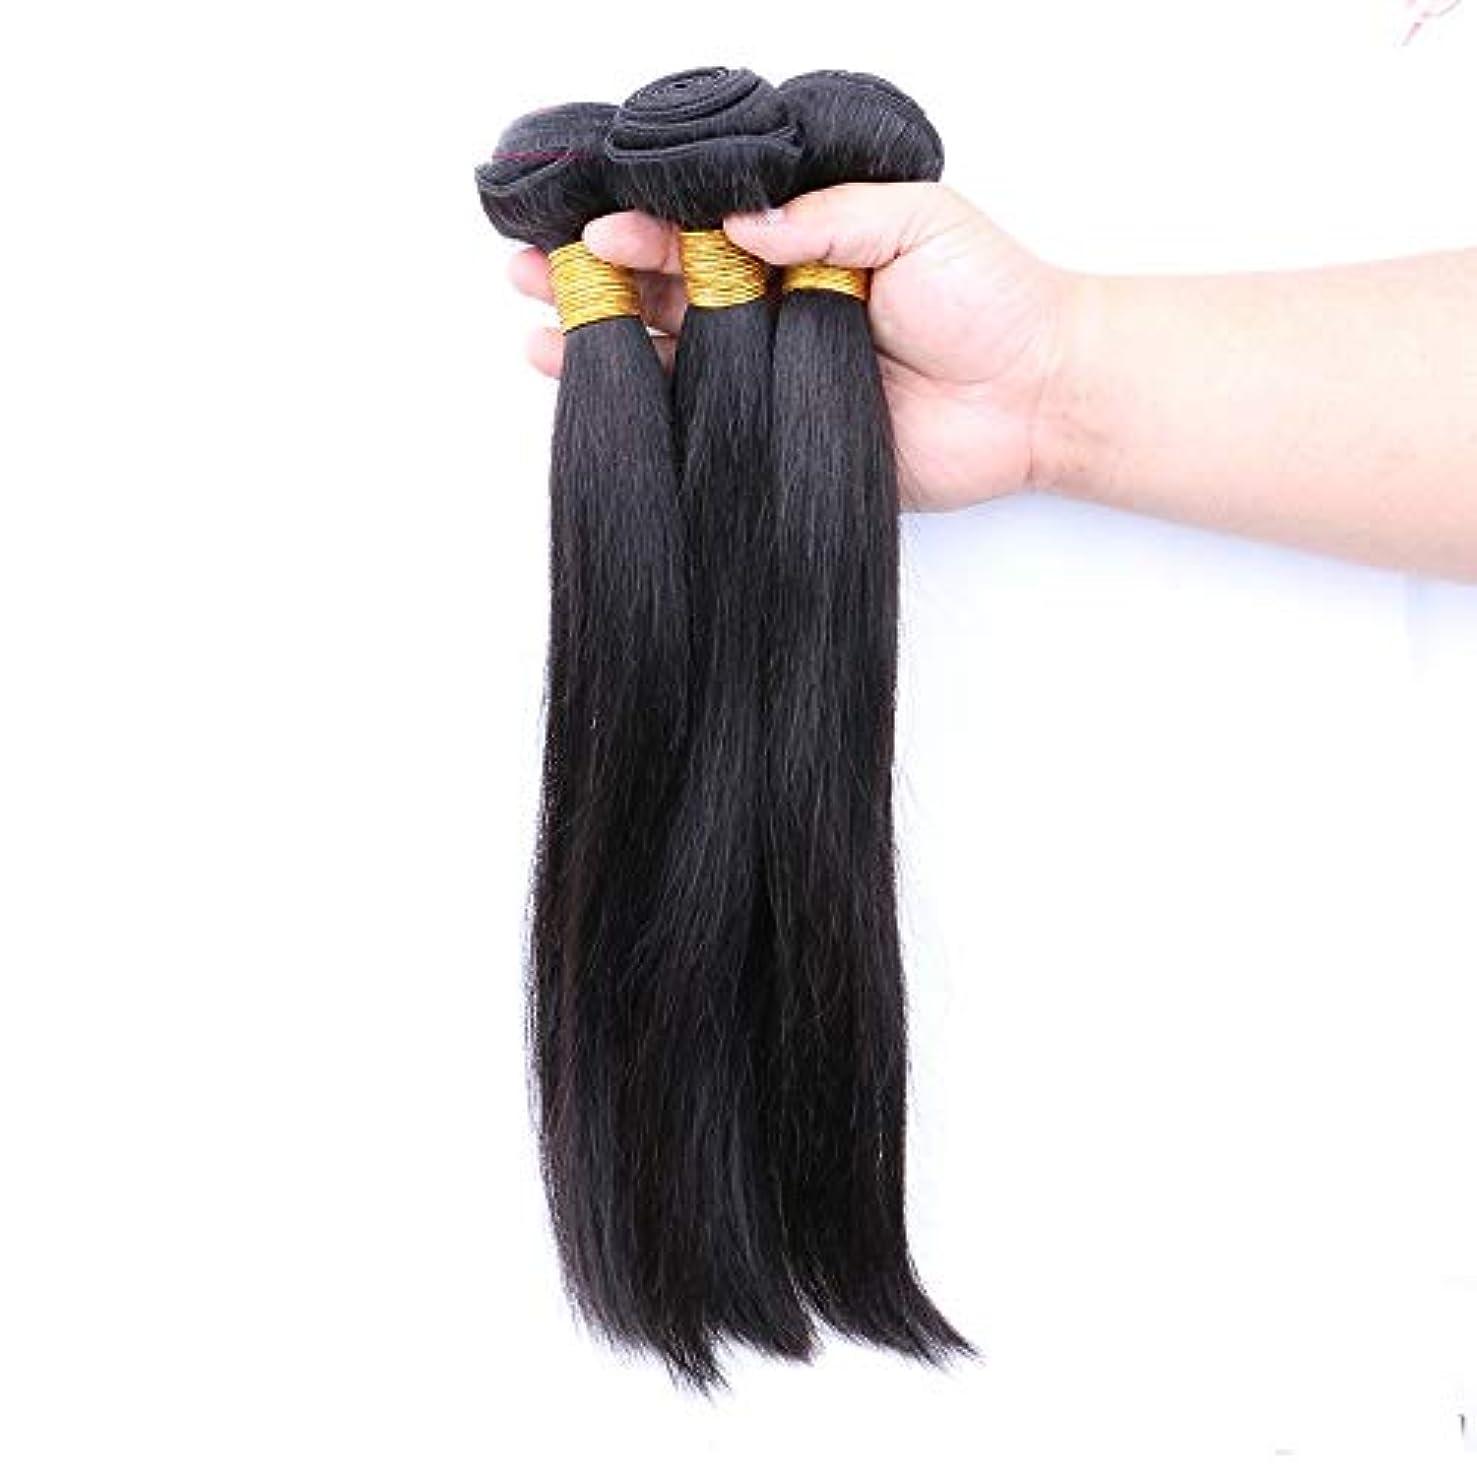 混雑ノイズ消えるWASAIO ブラジルスクエア人間の髪バンドルシルキーバージン織り拡張リアルブラック (色 : 黒, サイズ : 16 inch)